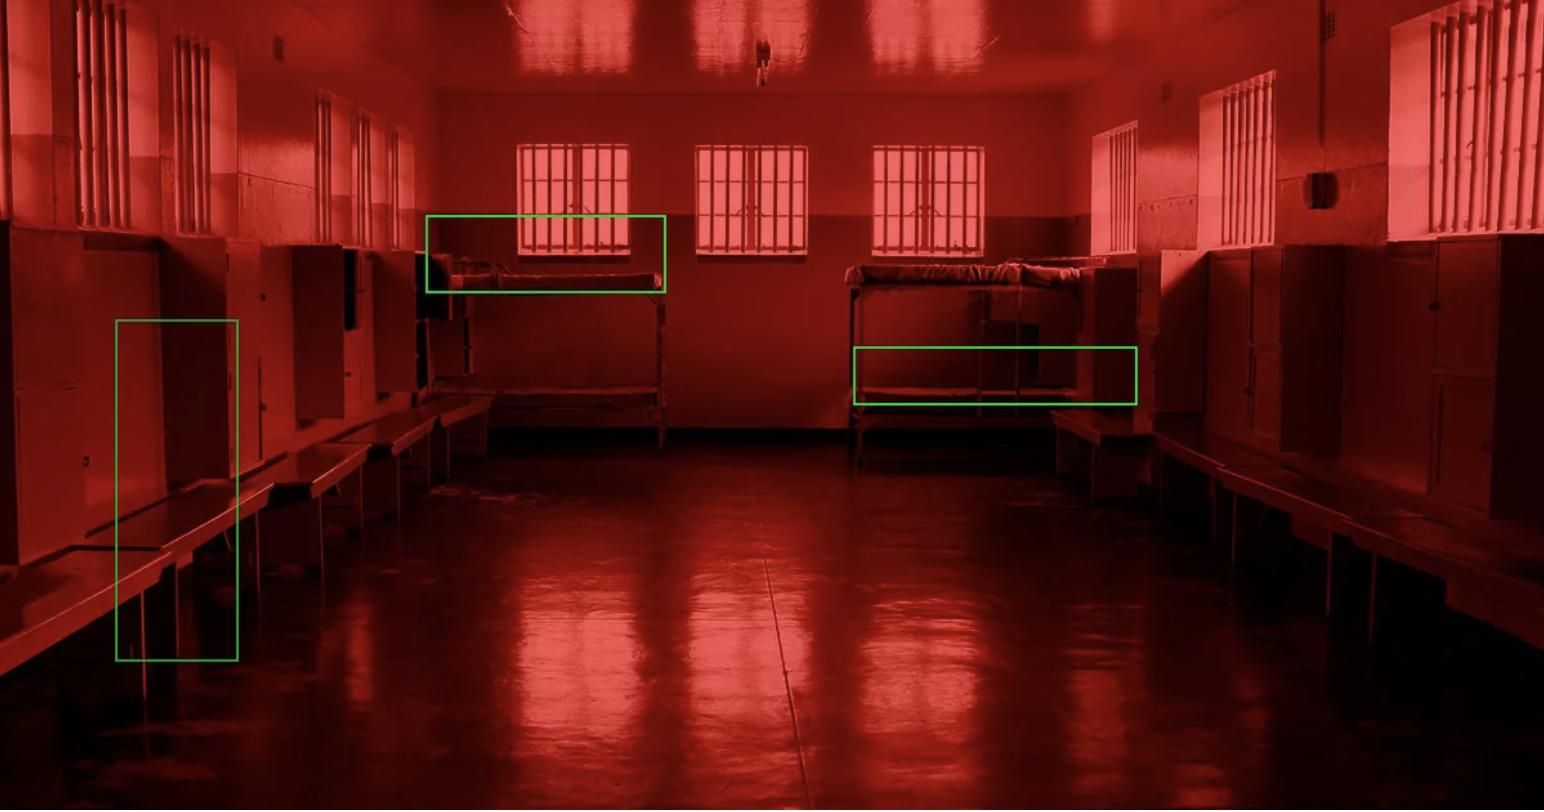 Скрыть что-либо от искусственного интеллекта практически невозможно